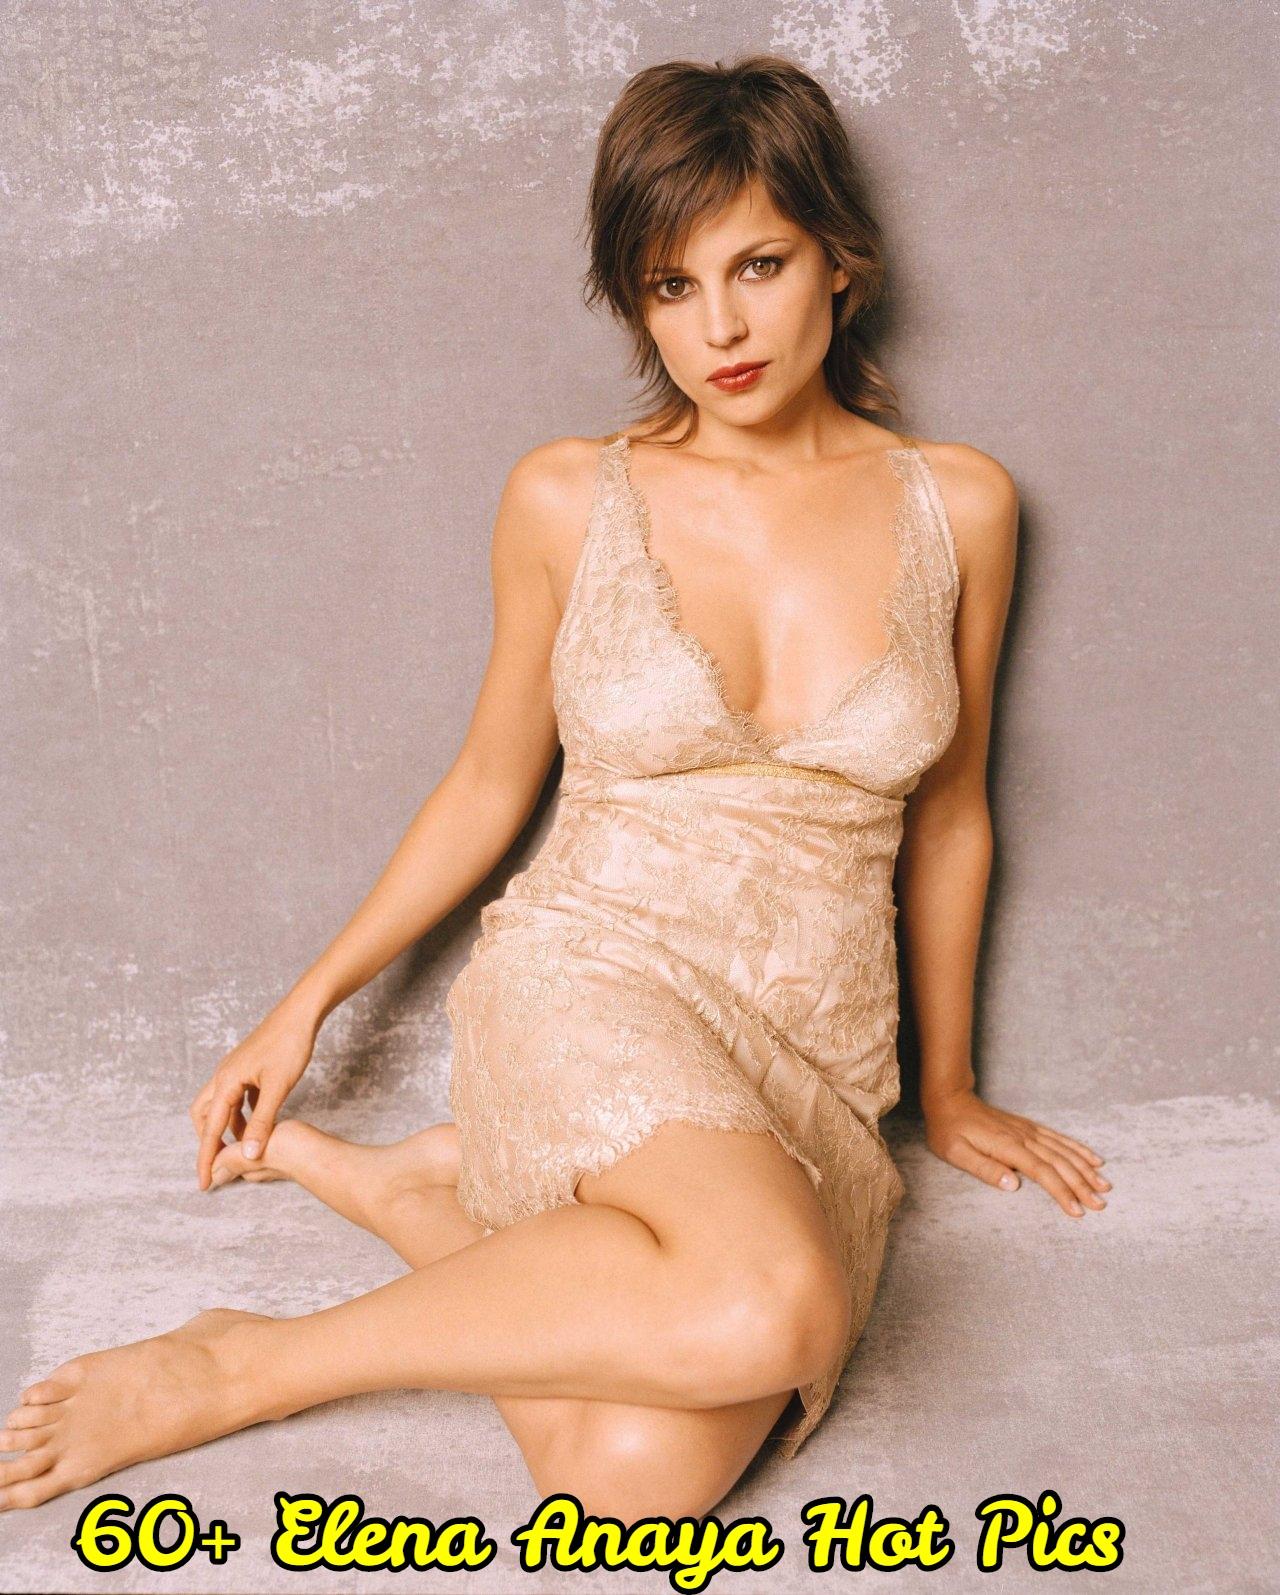 Elena Anaya tits